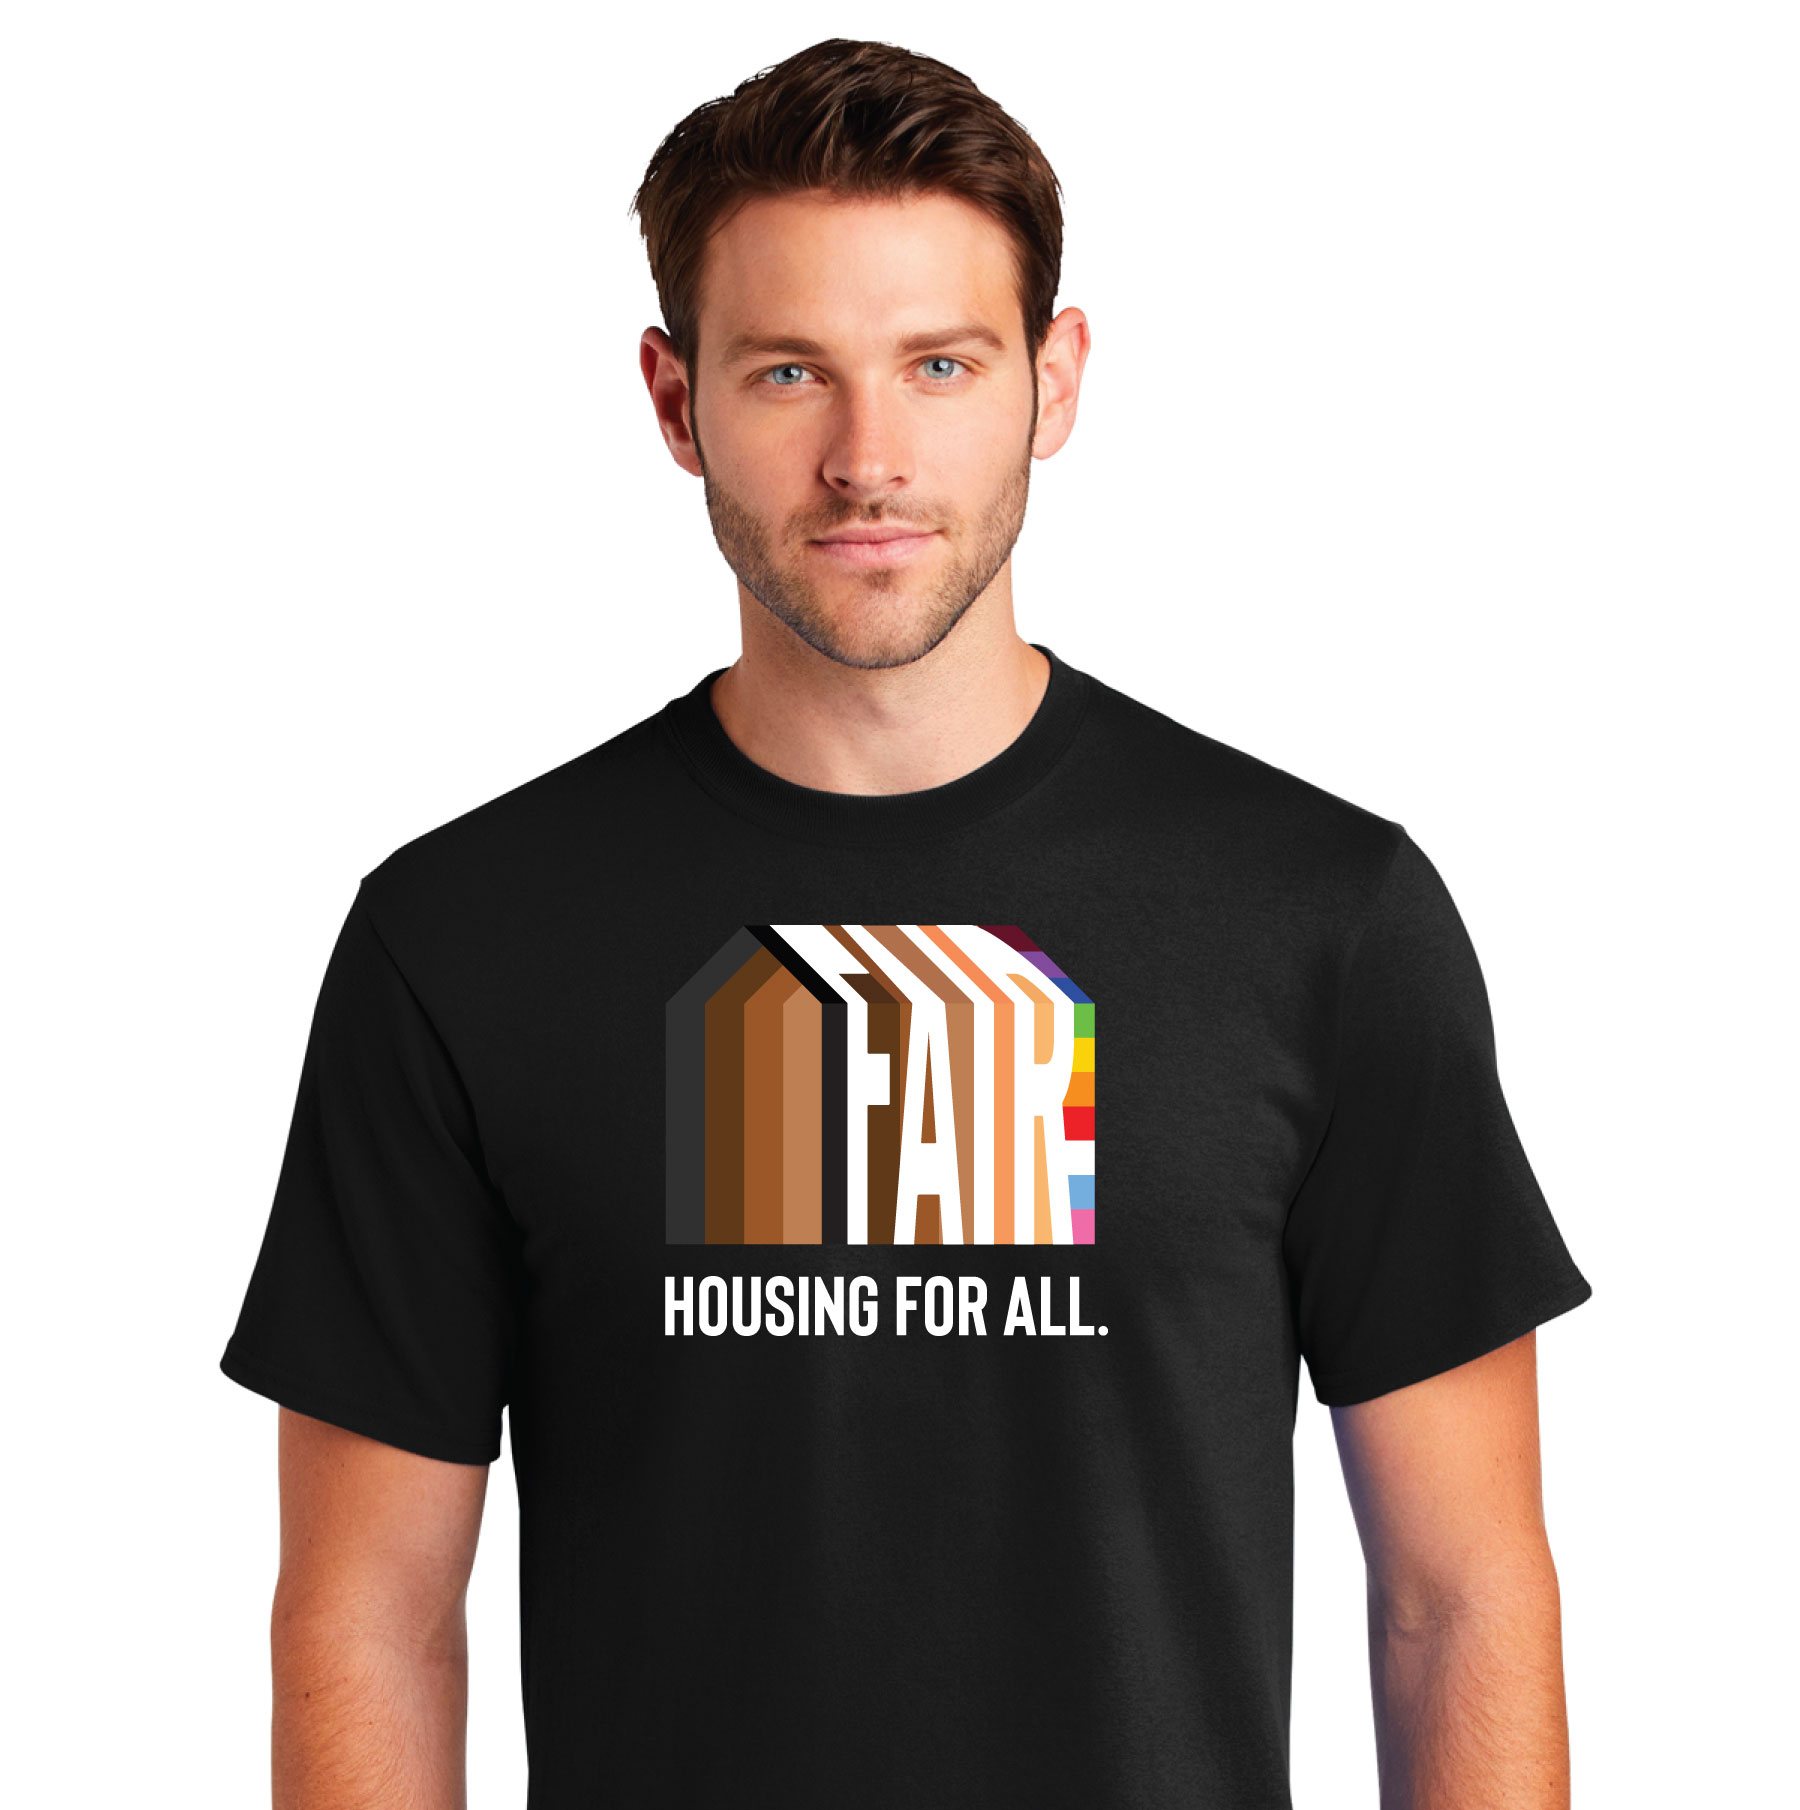 Fair Housing Men's Tee Shirt - FH1000